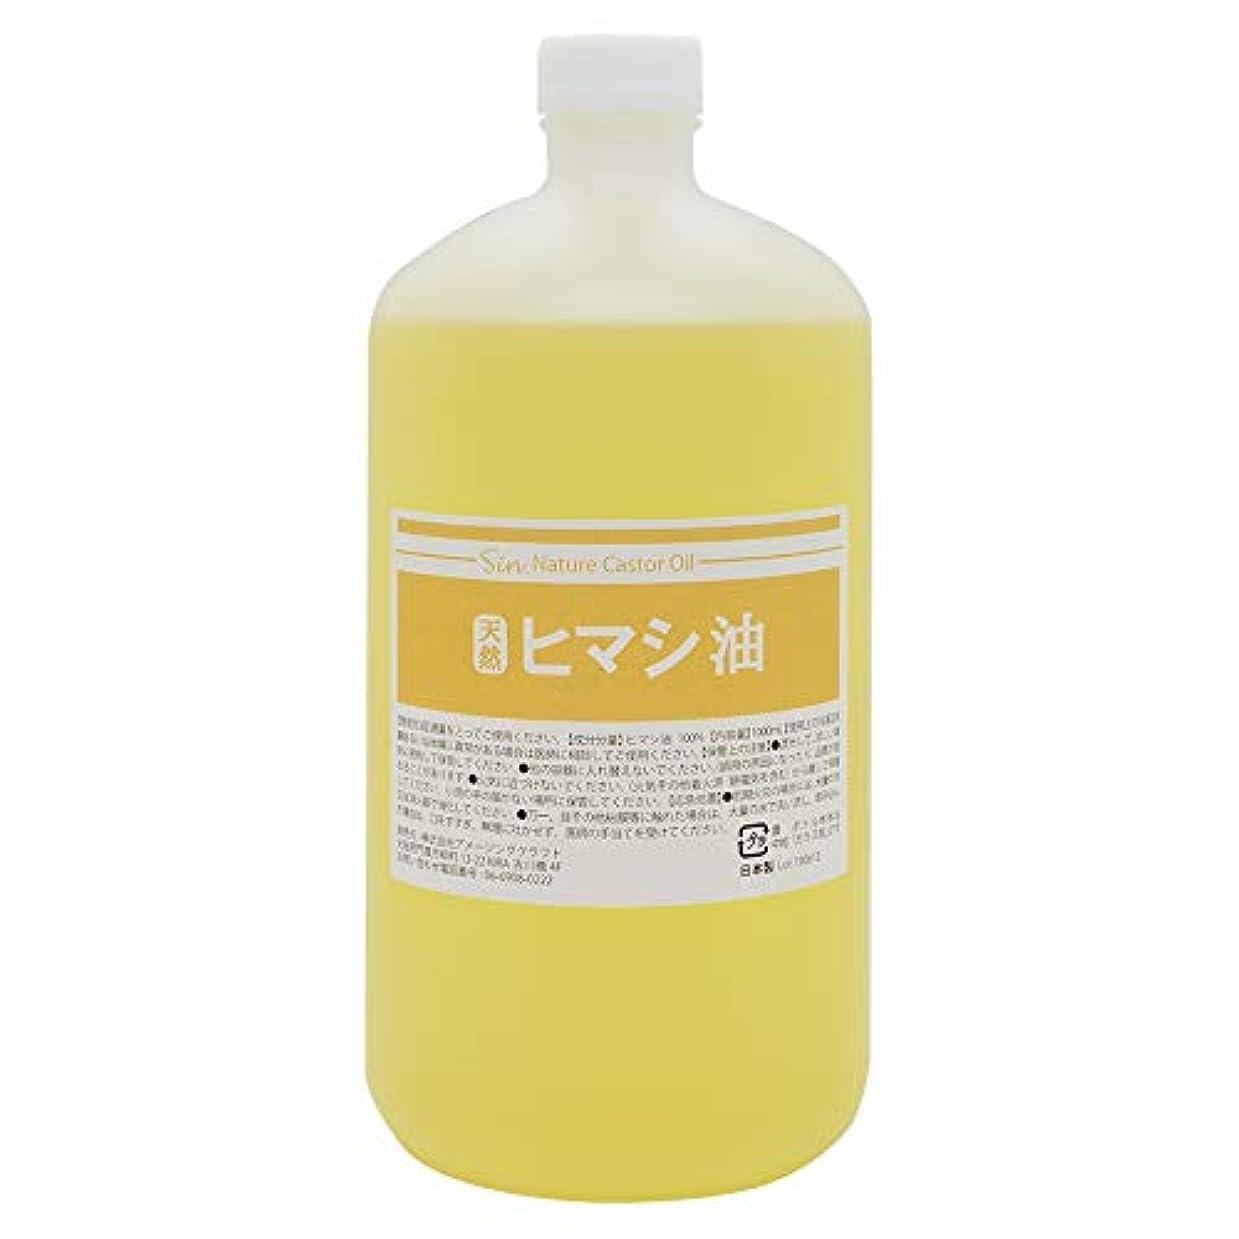 つかまえるラテンピーブ天然無添加 国内精製 ひまし油 1000ml (ヒマシ油 キャスターオイル)